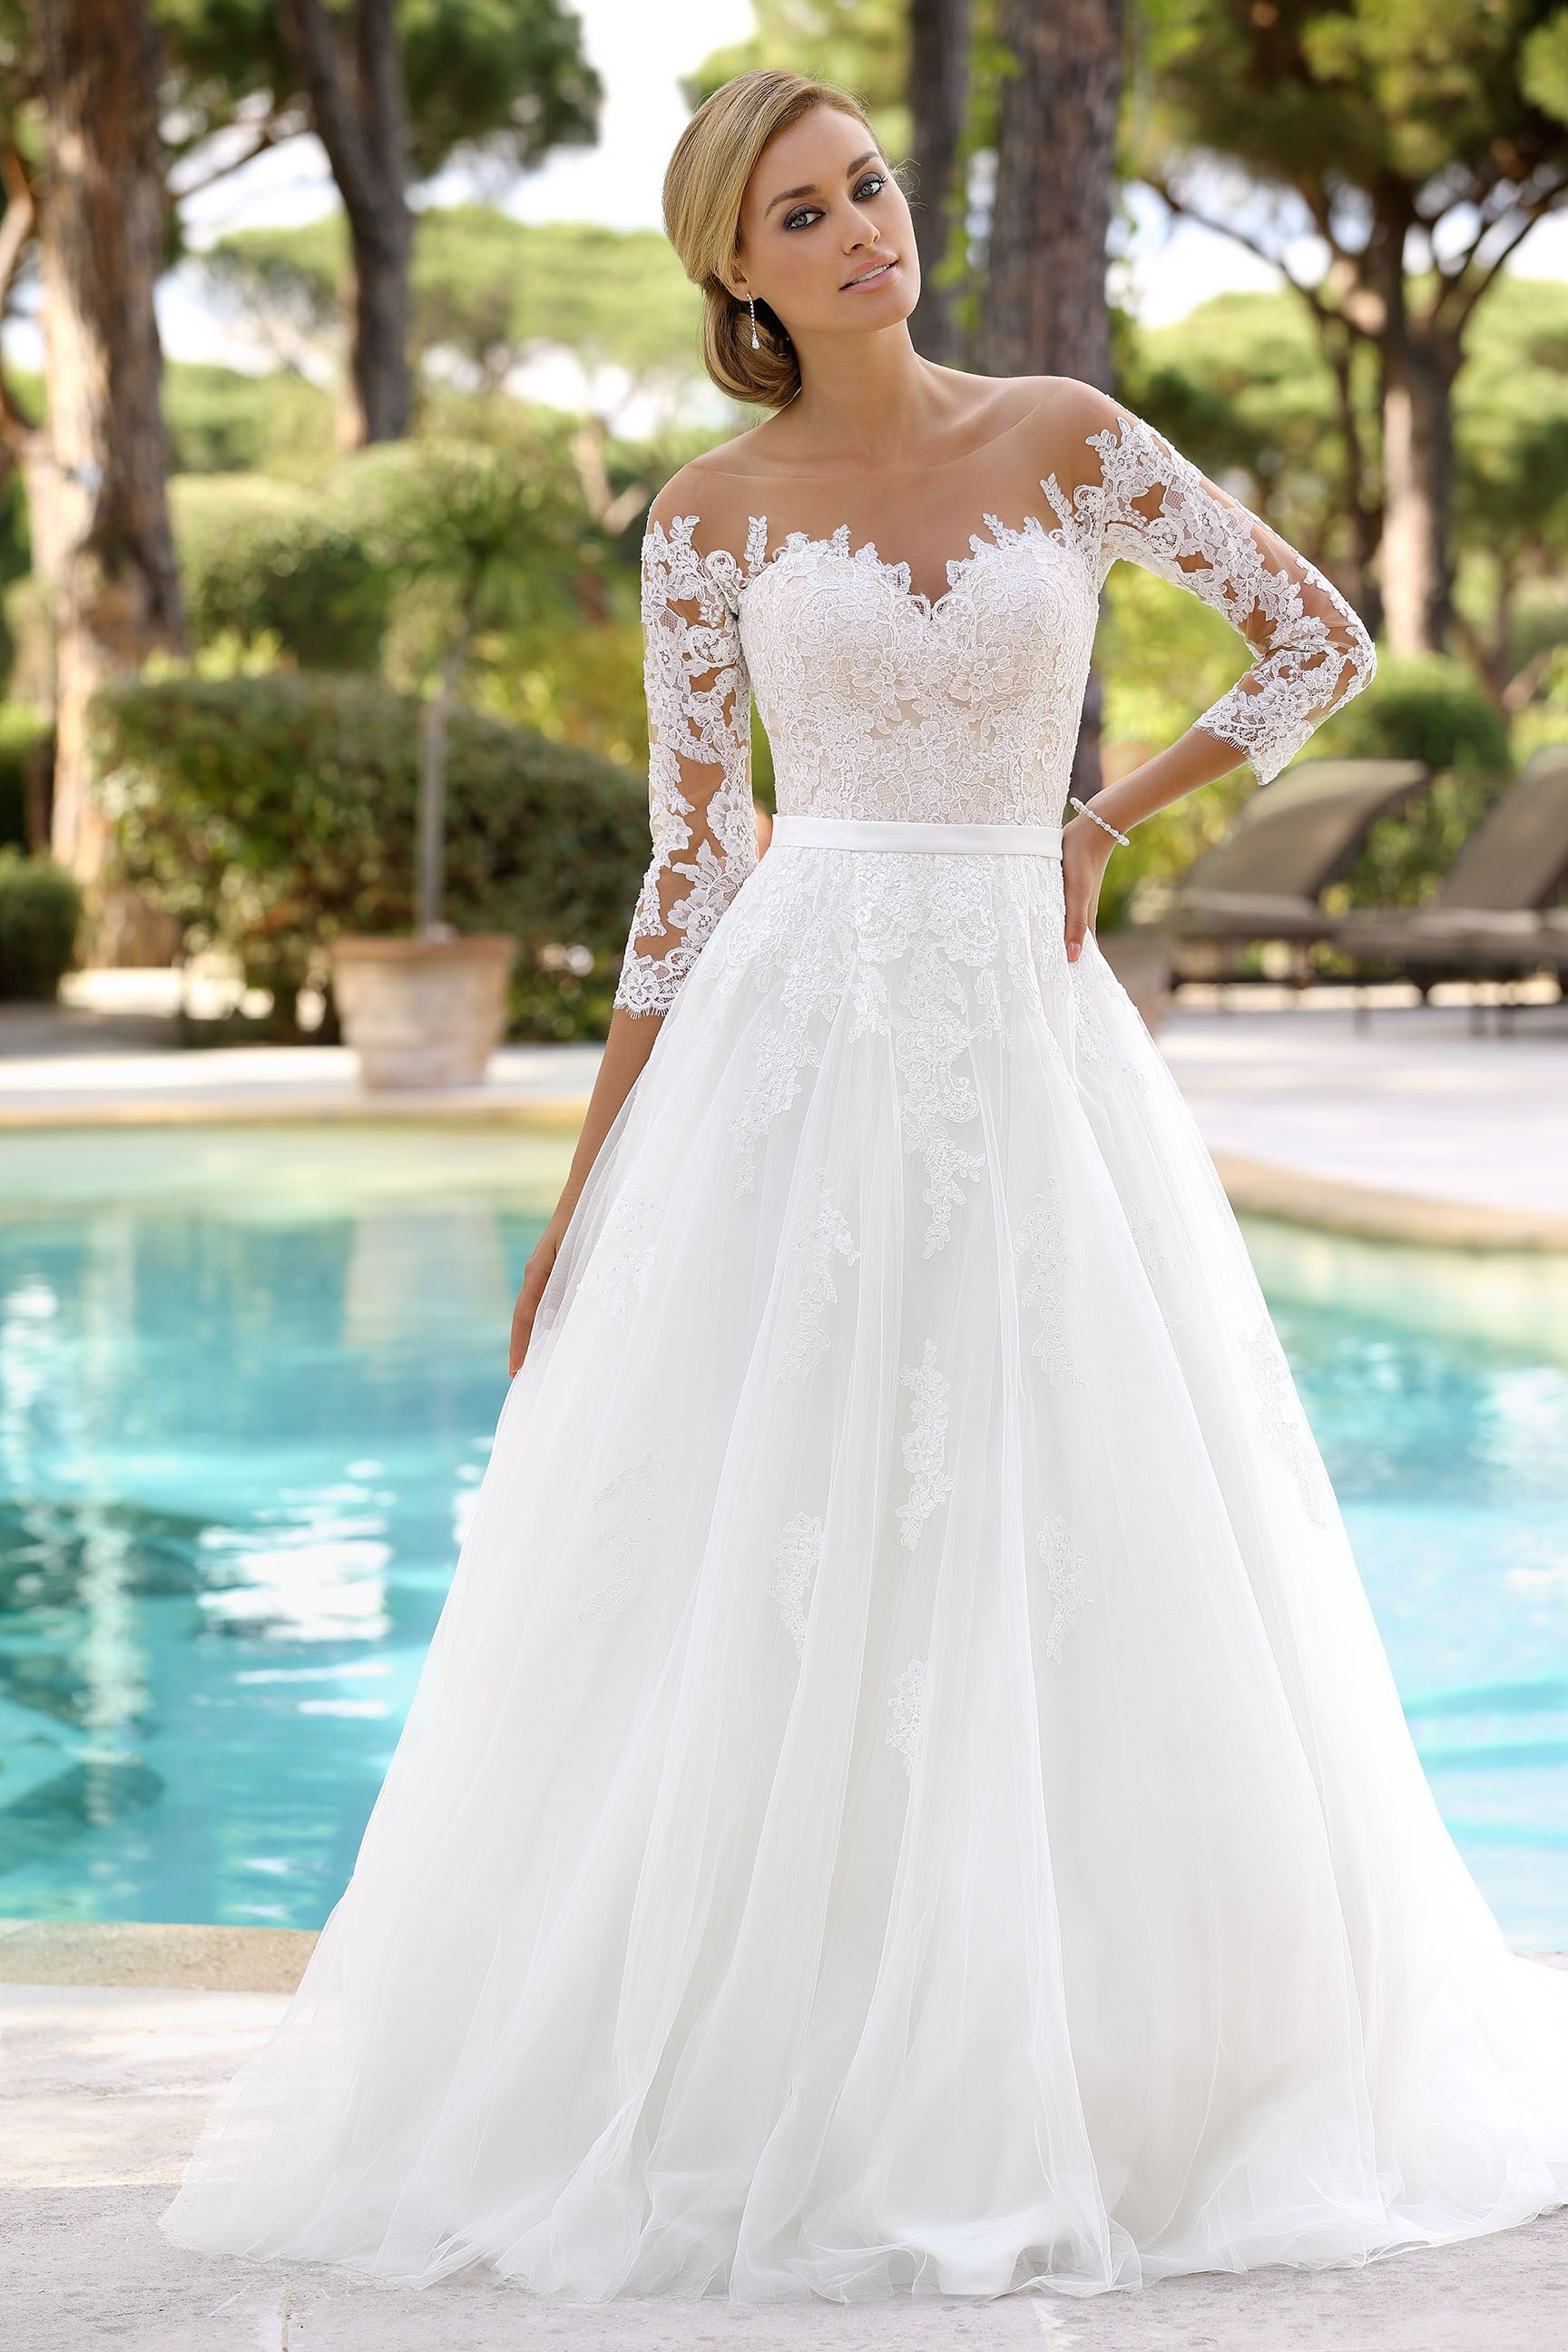 Ladybird Wedding Dress Bruidsmode Trouwjurken